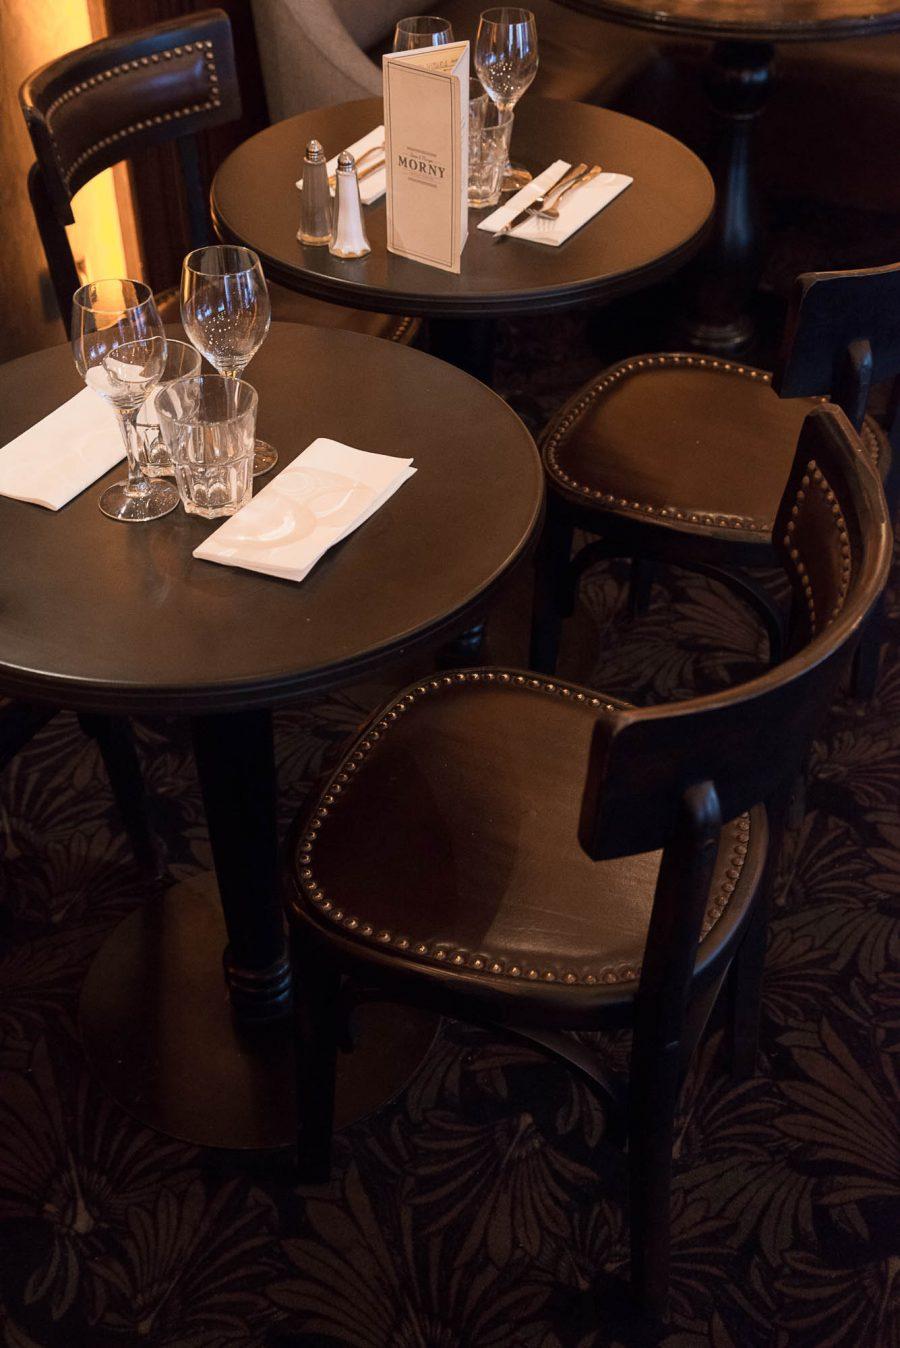 Intérieur du restaurant Le Morny de Paris, moquette au sol et chaises avec assises en cuir. Décoration par le Studio Emma Roux